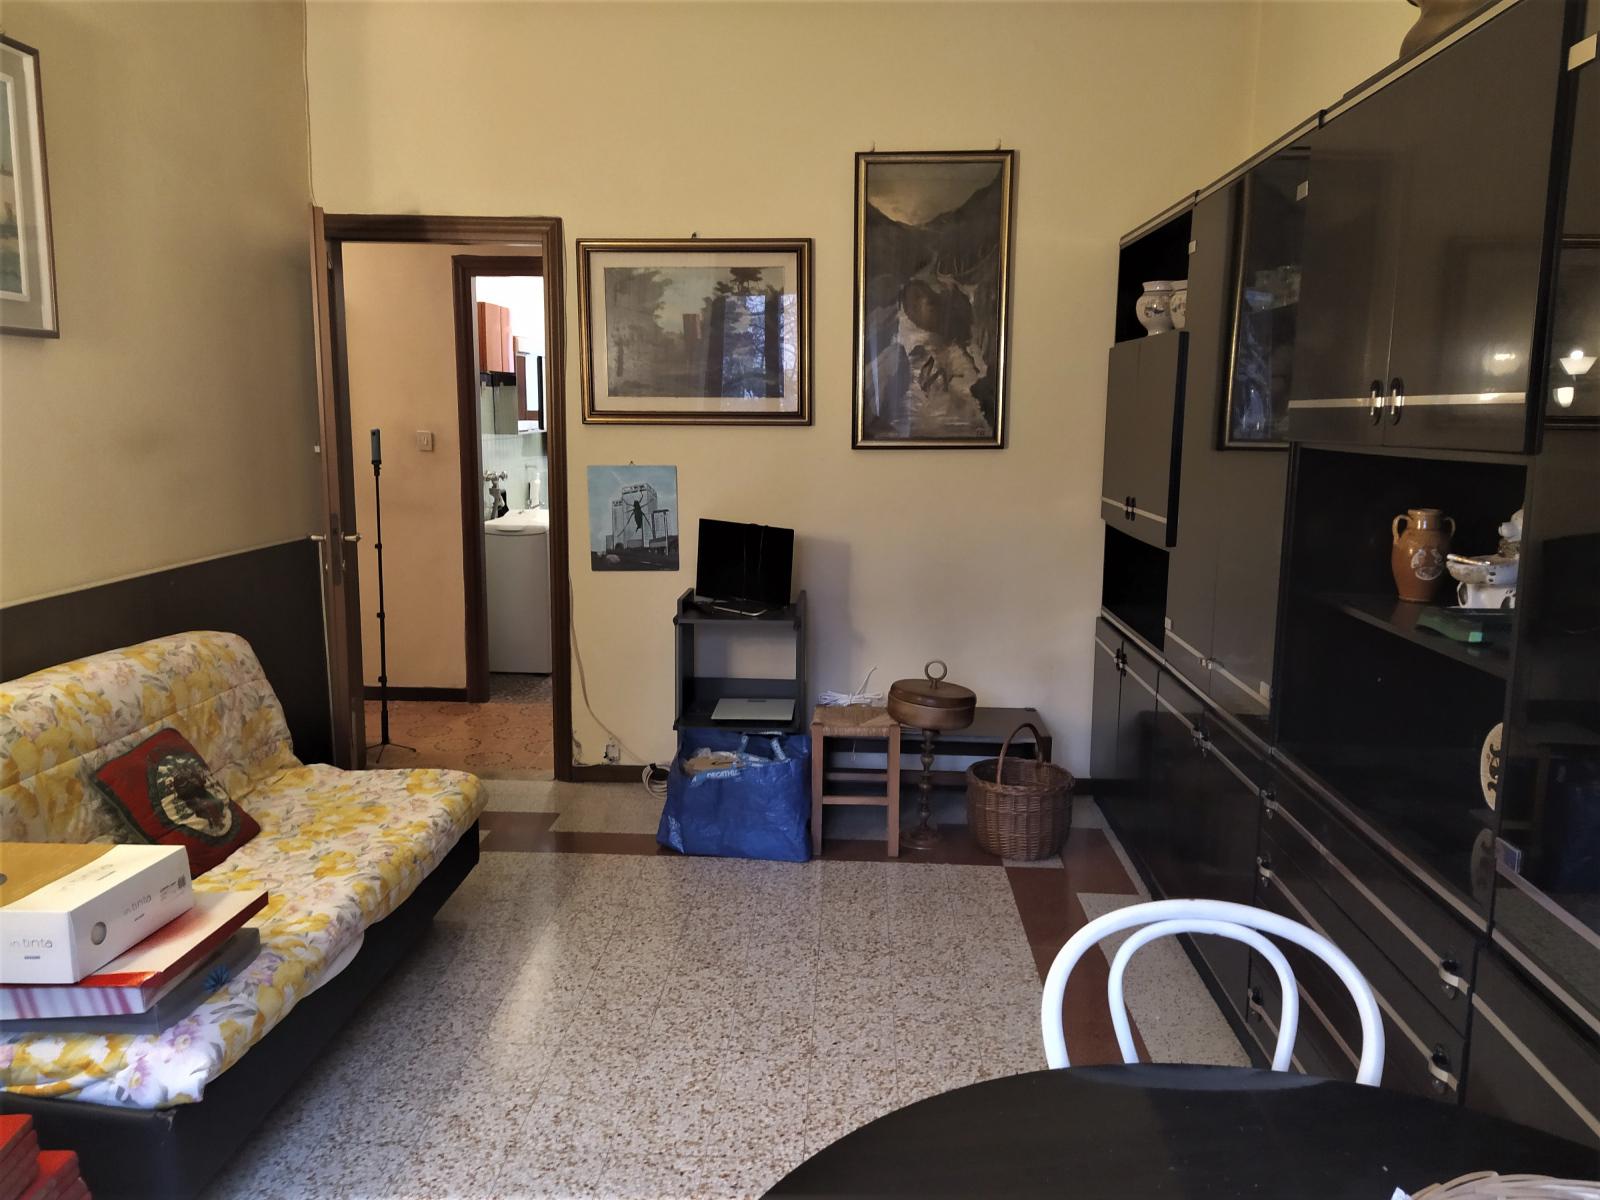 appartamento-in-vendita-piazza-seminunte-tre-locali-milano-da-ristrutturare-spaziourbano-immobiliare-dove-trovi-casa-11